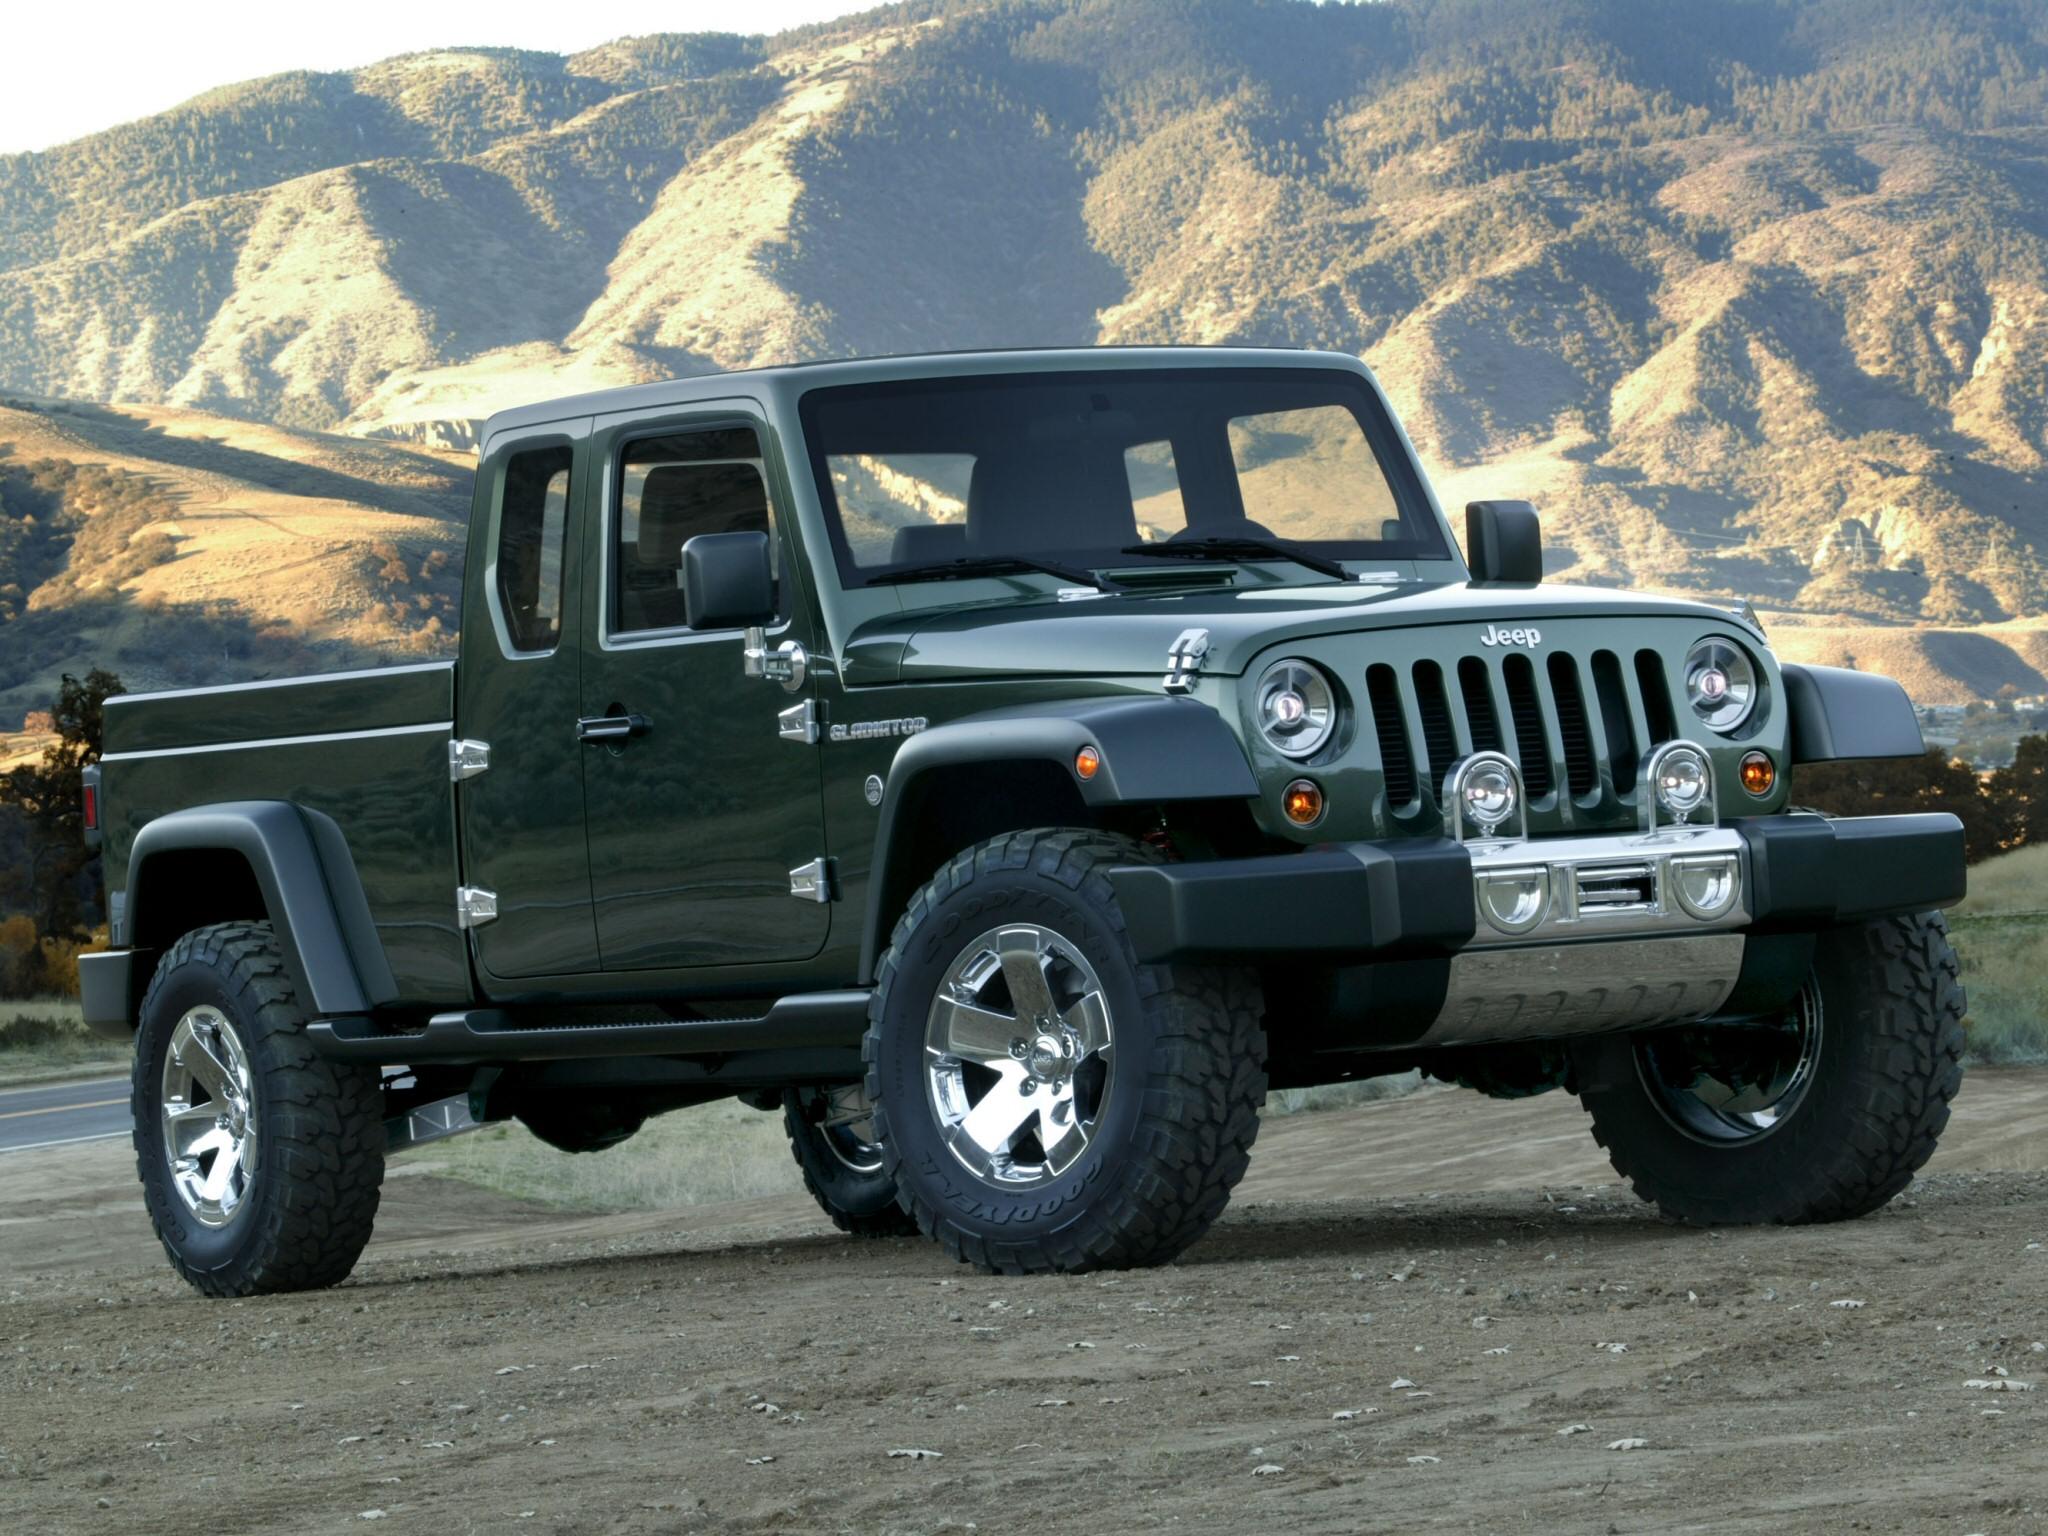 Concept offroad 4x4 truck wallpaper 2048x1536 112053 WallpaperUP 2048x1536